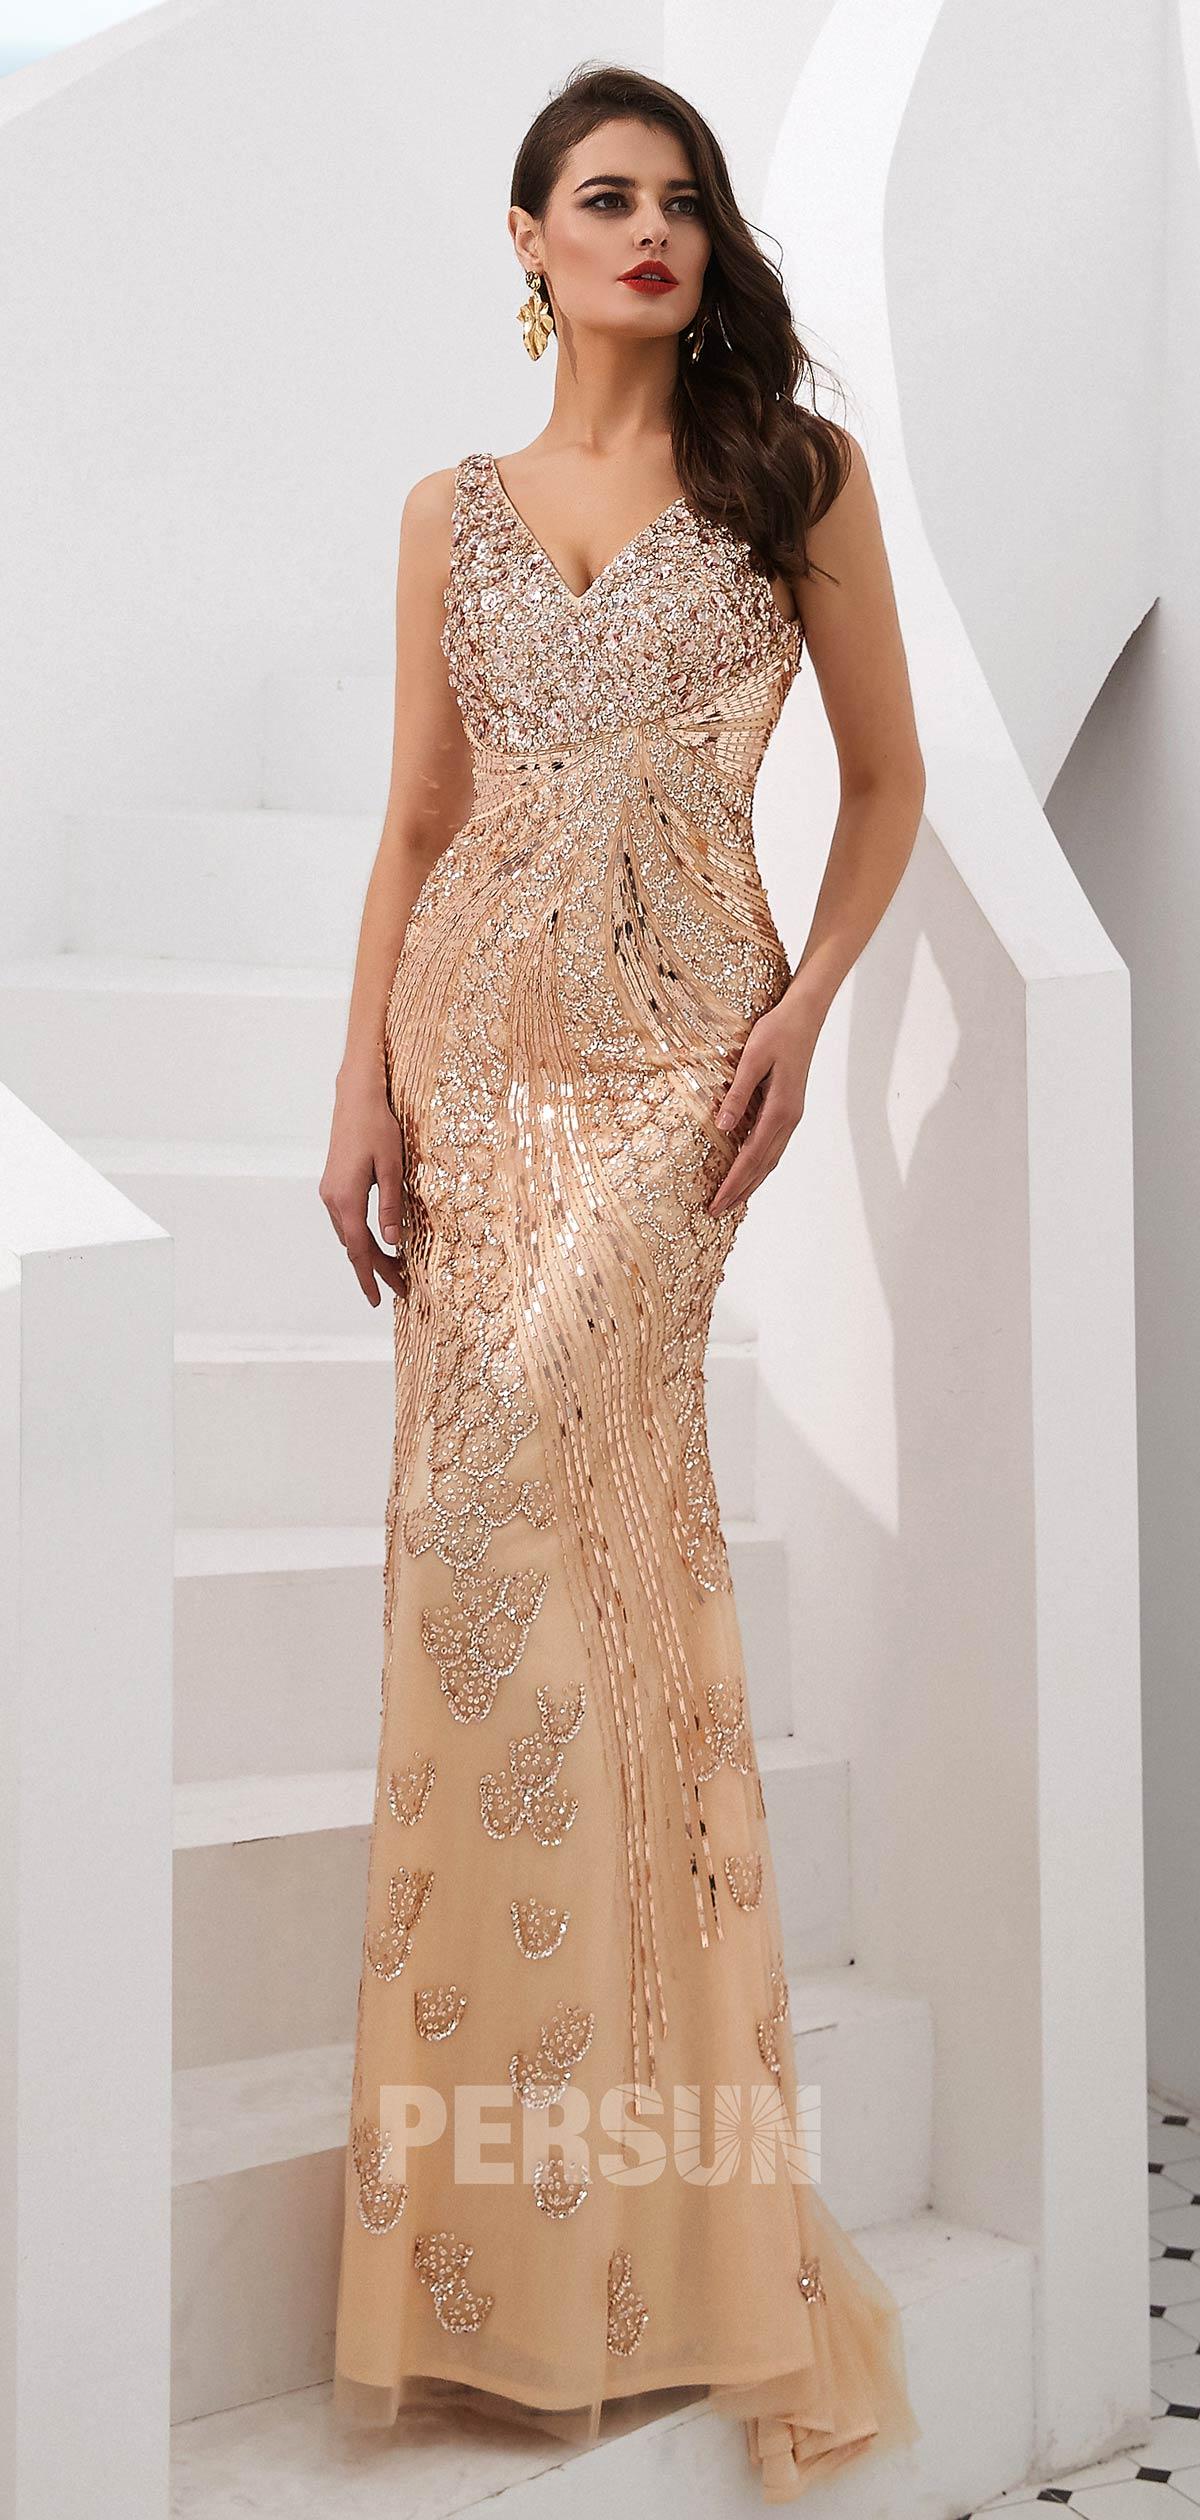 robe dorée sirène habillée pour élection miss